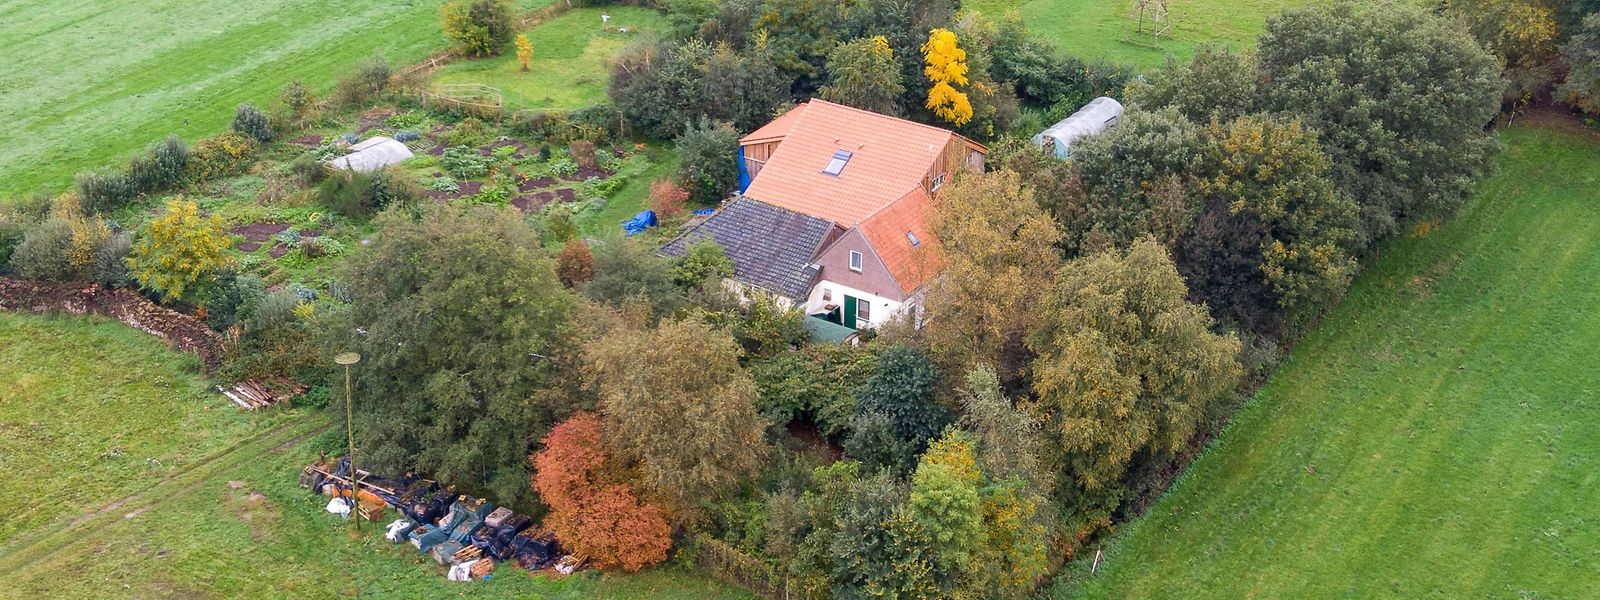 Der Hof liegt versteckt hinter Bäumen und etwa 200 Meter vom Rande des niederländischen Dorfes Ruinerwold entfernt.